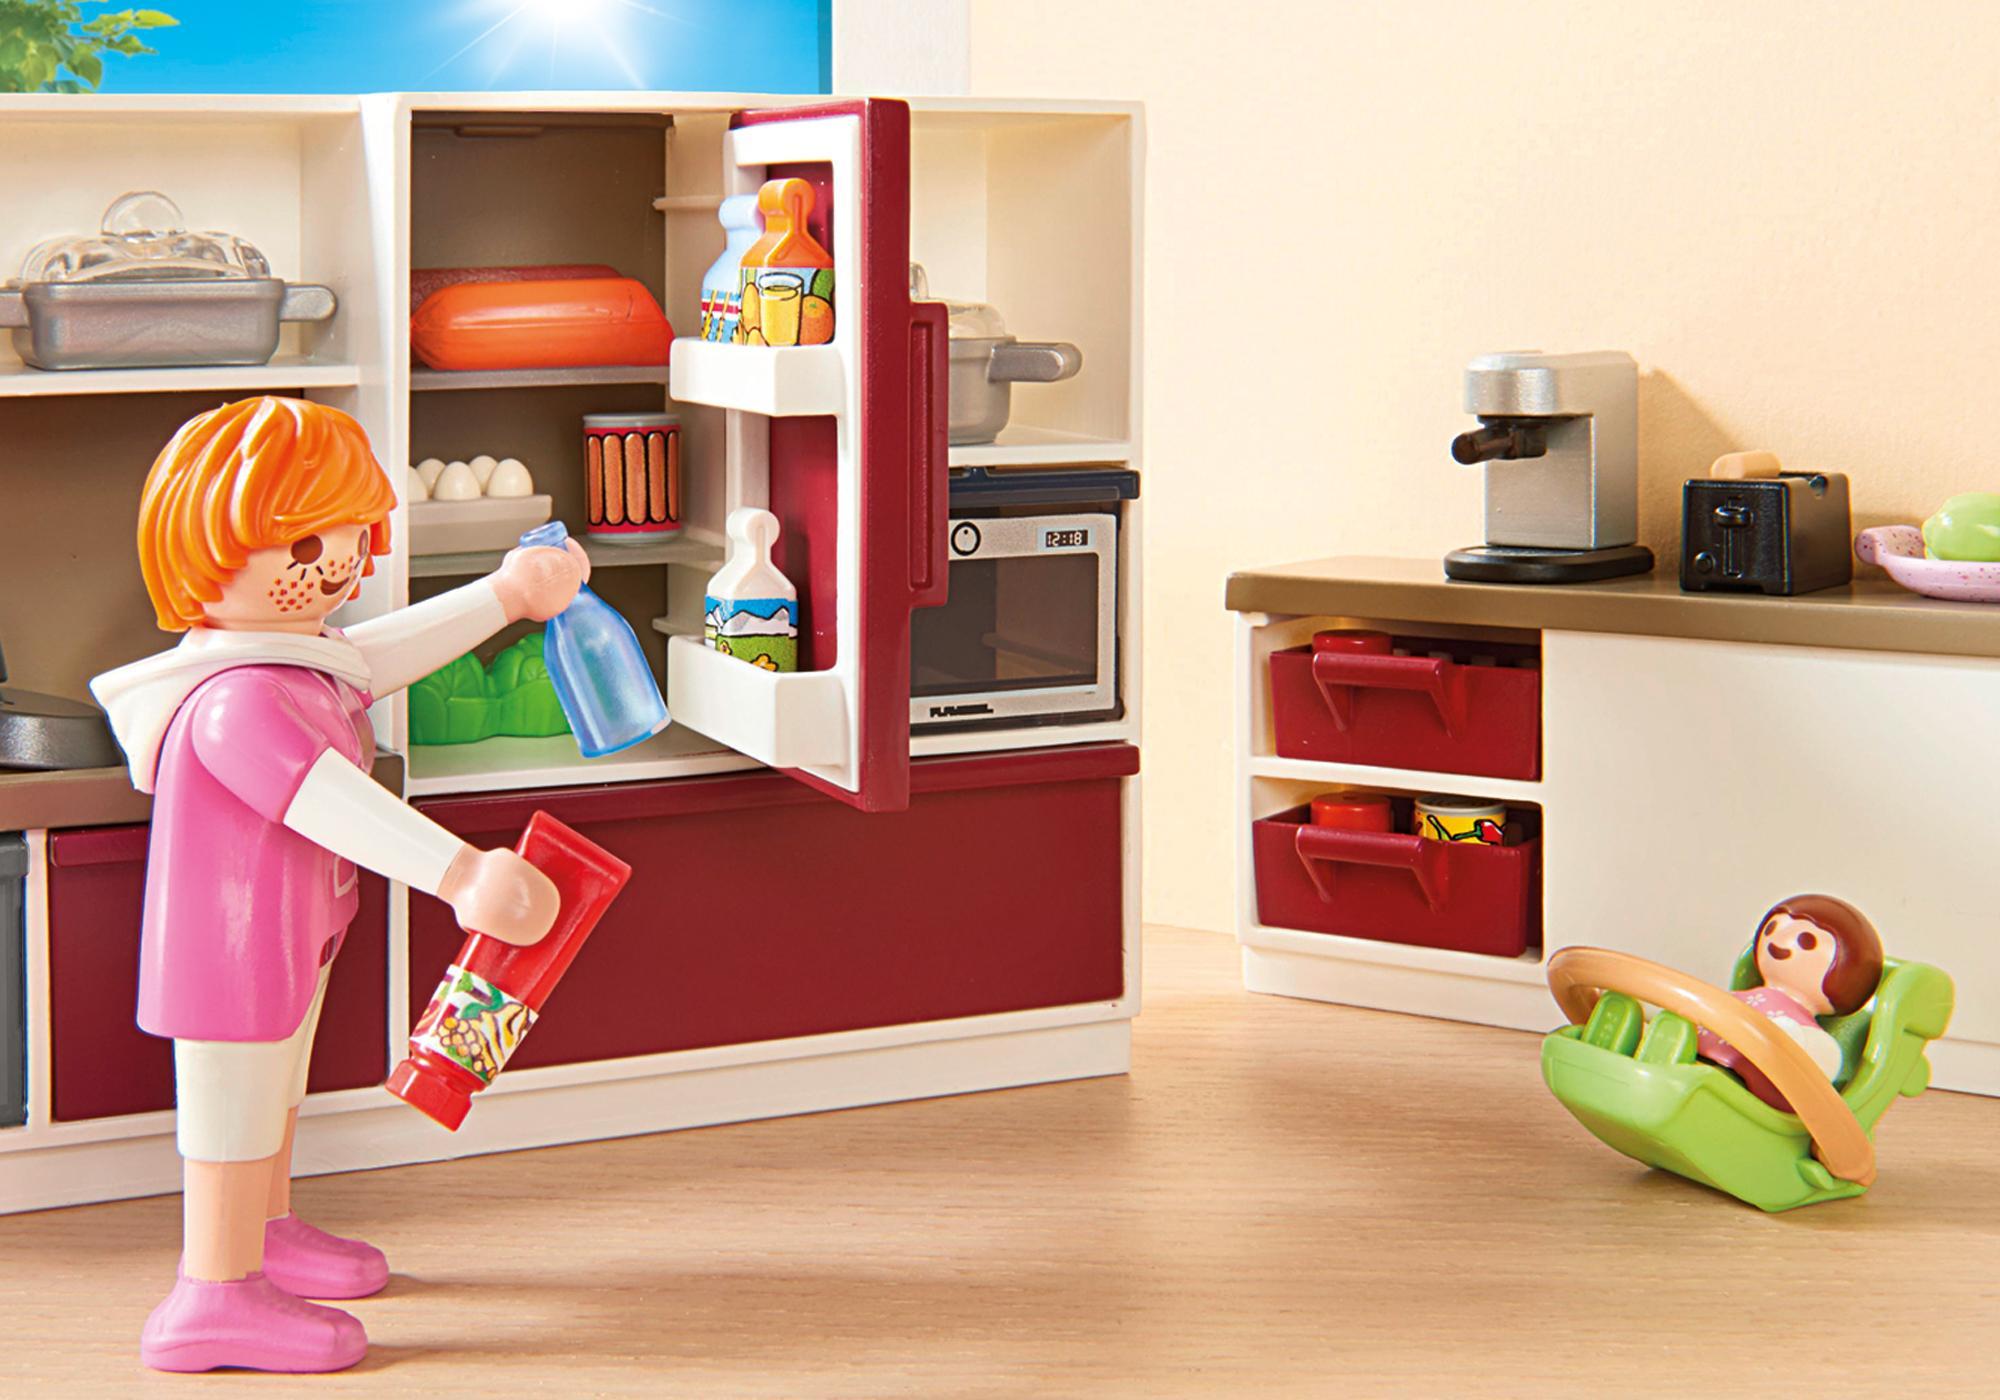 http://media.playmobil.com/i/playmobil/9269_product_extra3/Cuisine aménagée